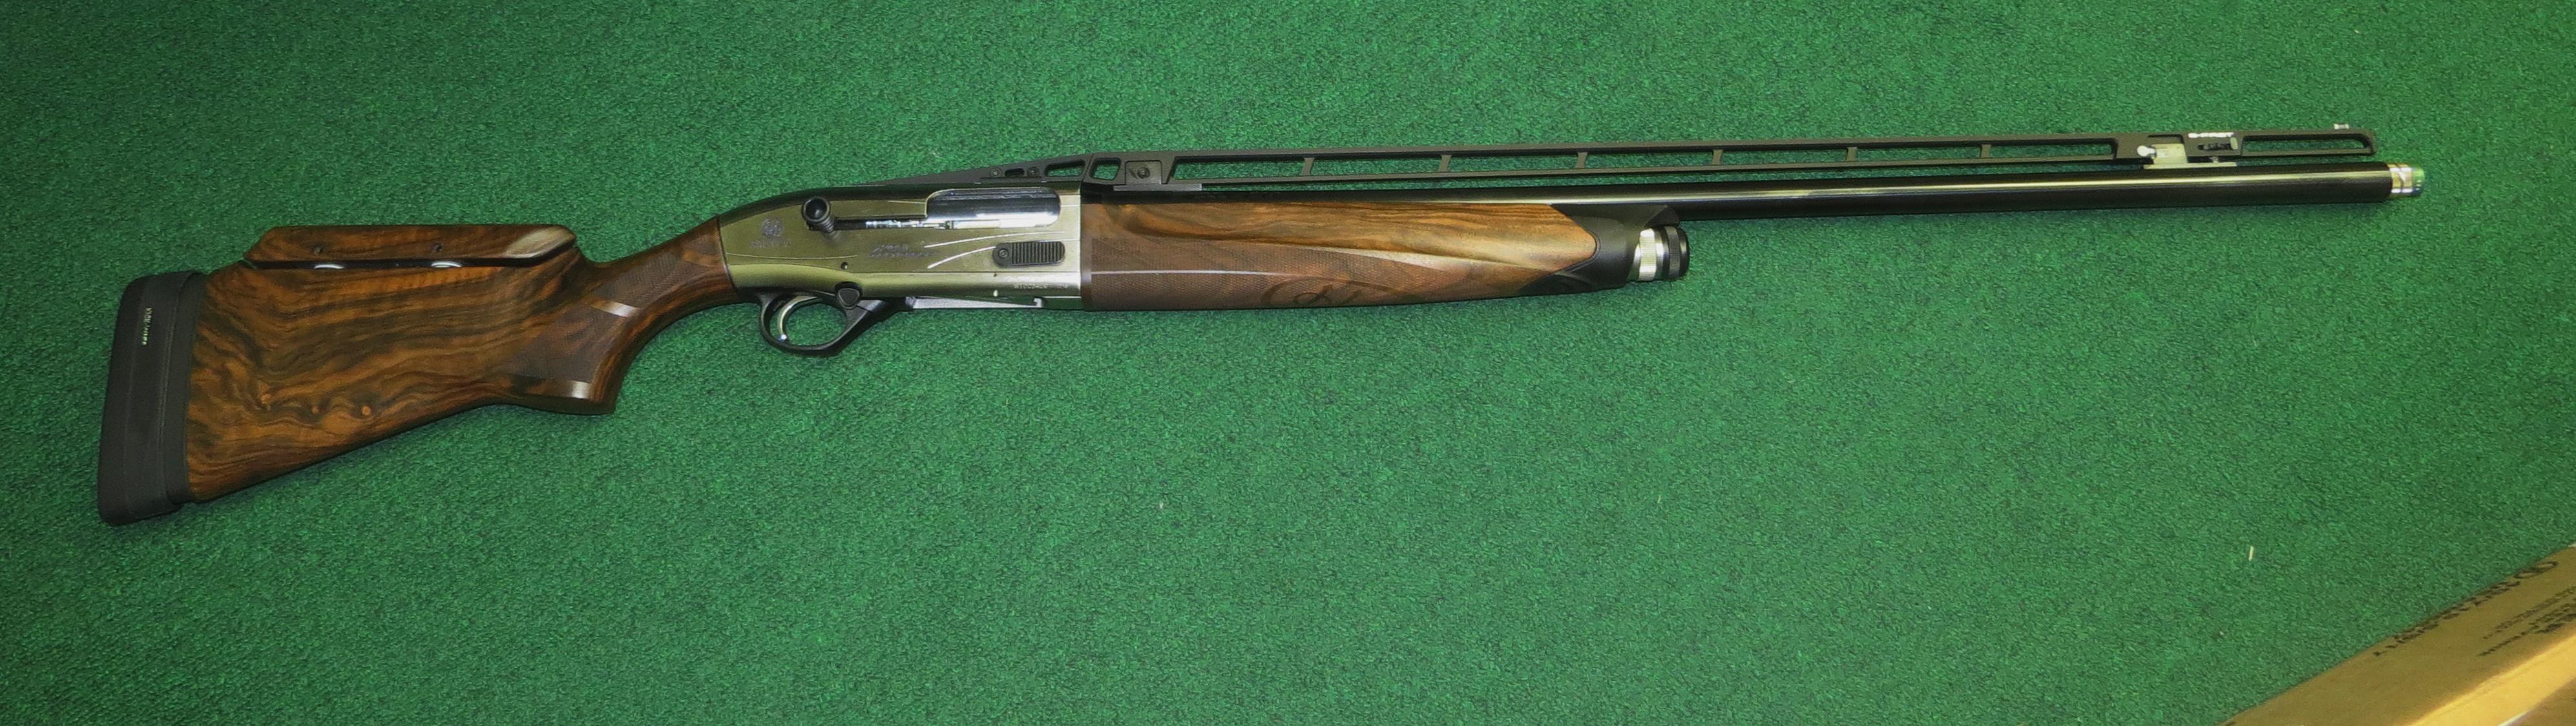 """Beretta A400 Multitarget, 30"""" barrel, (3) HP chokes, adj rib and comb, KO system, #7890 CDS5724QWA"""